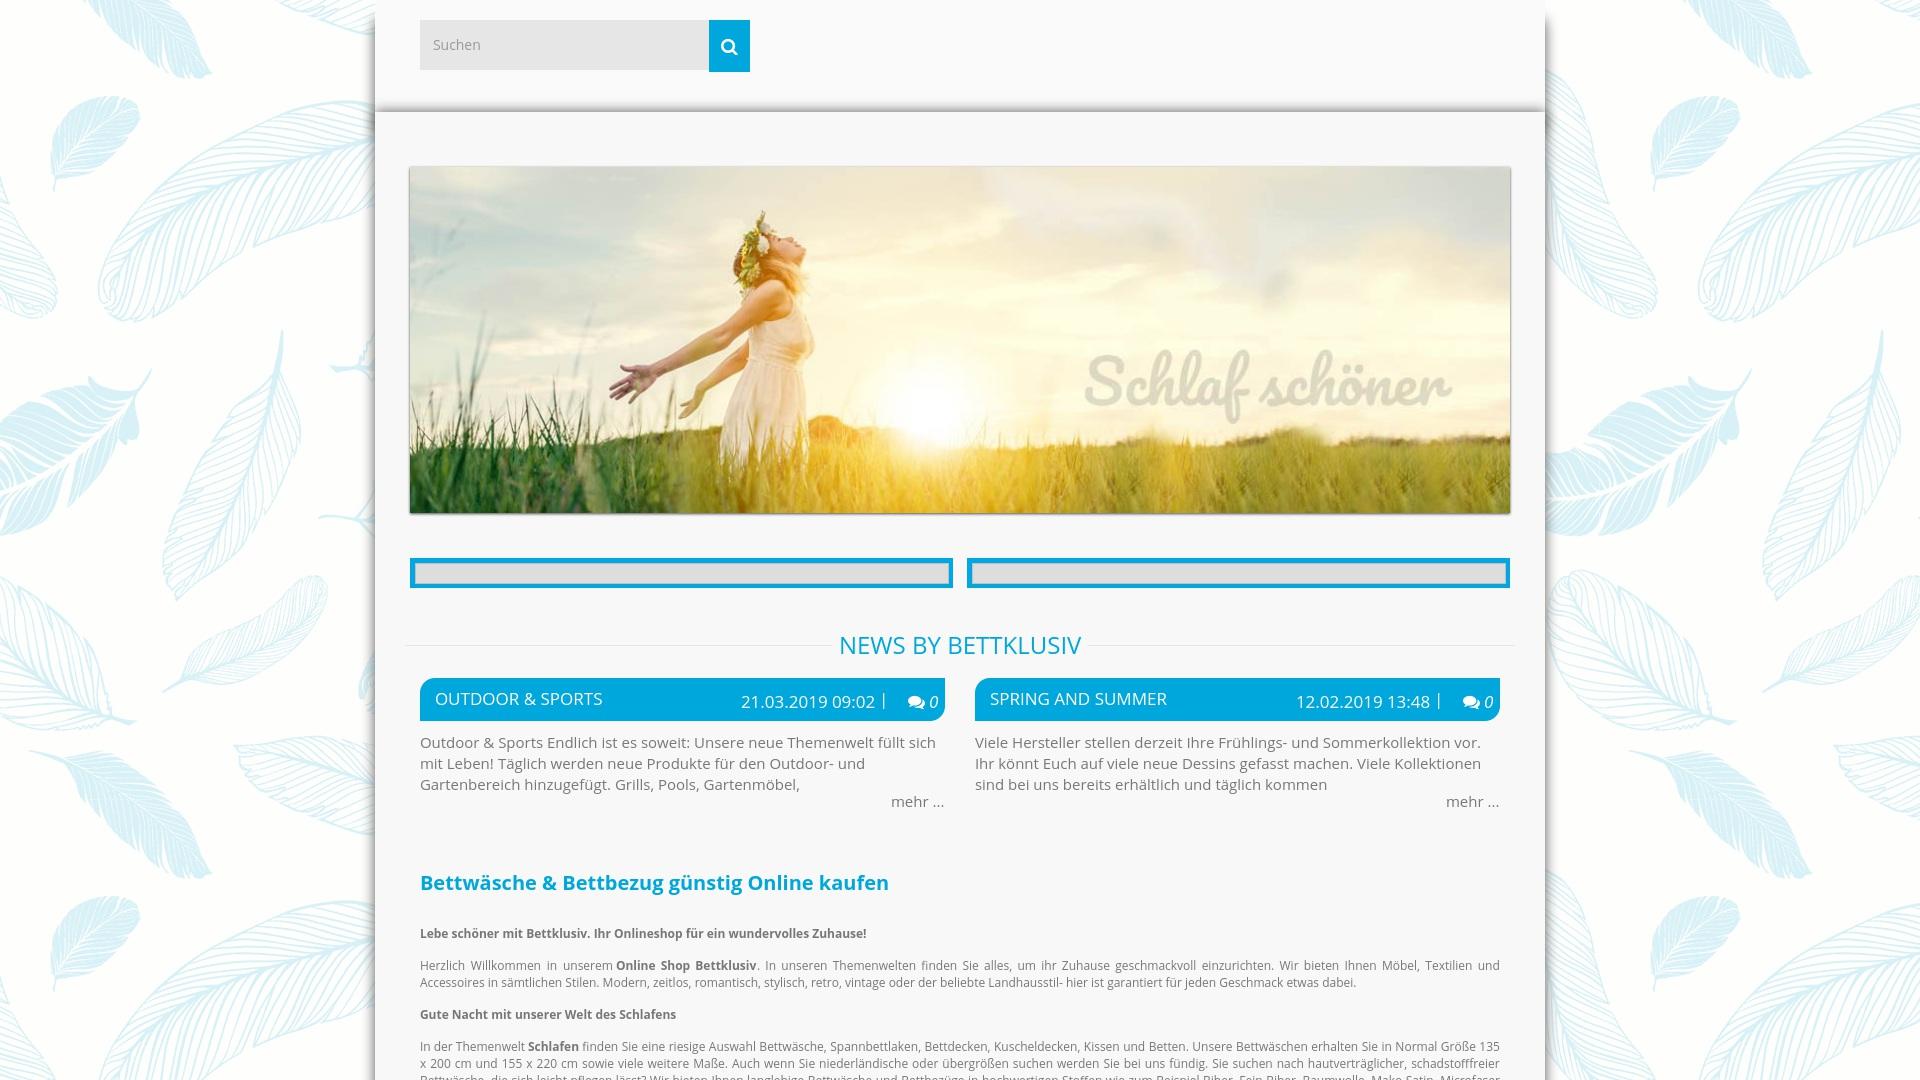 Gutschein für Bettklusiv-bettwaesche: Rabatte für  Bettklusiv-bettwaesche sichern